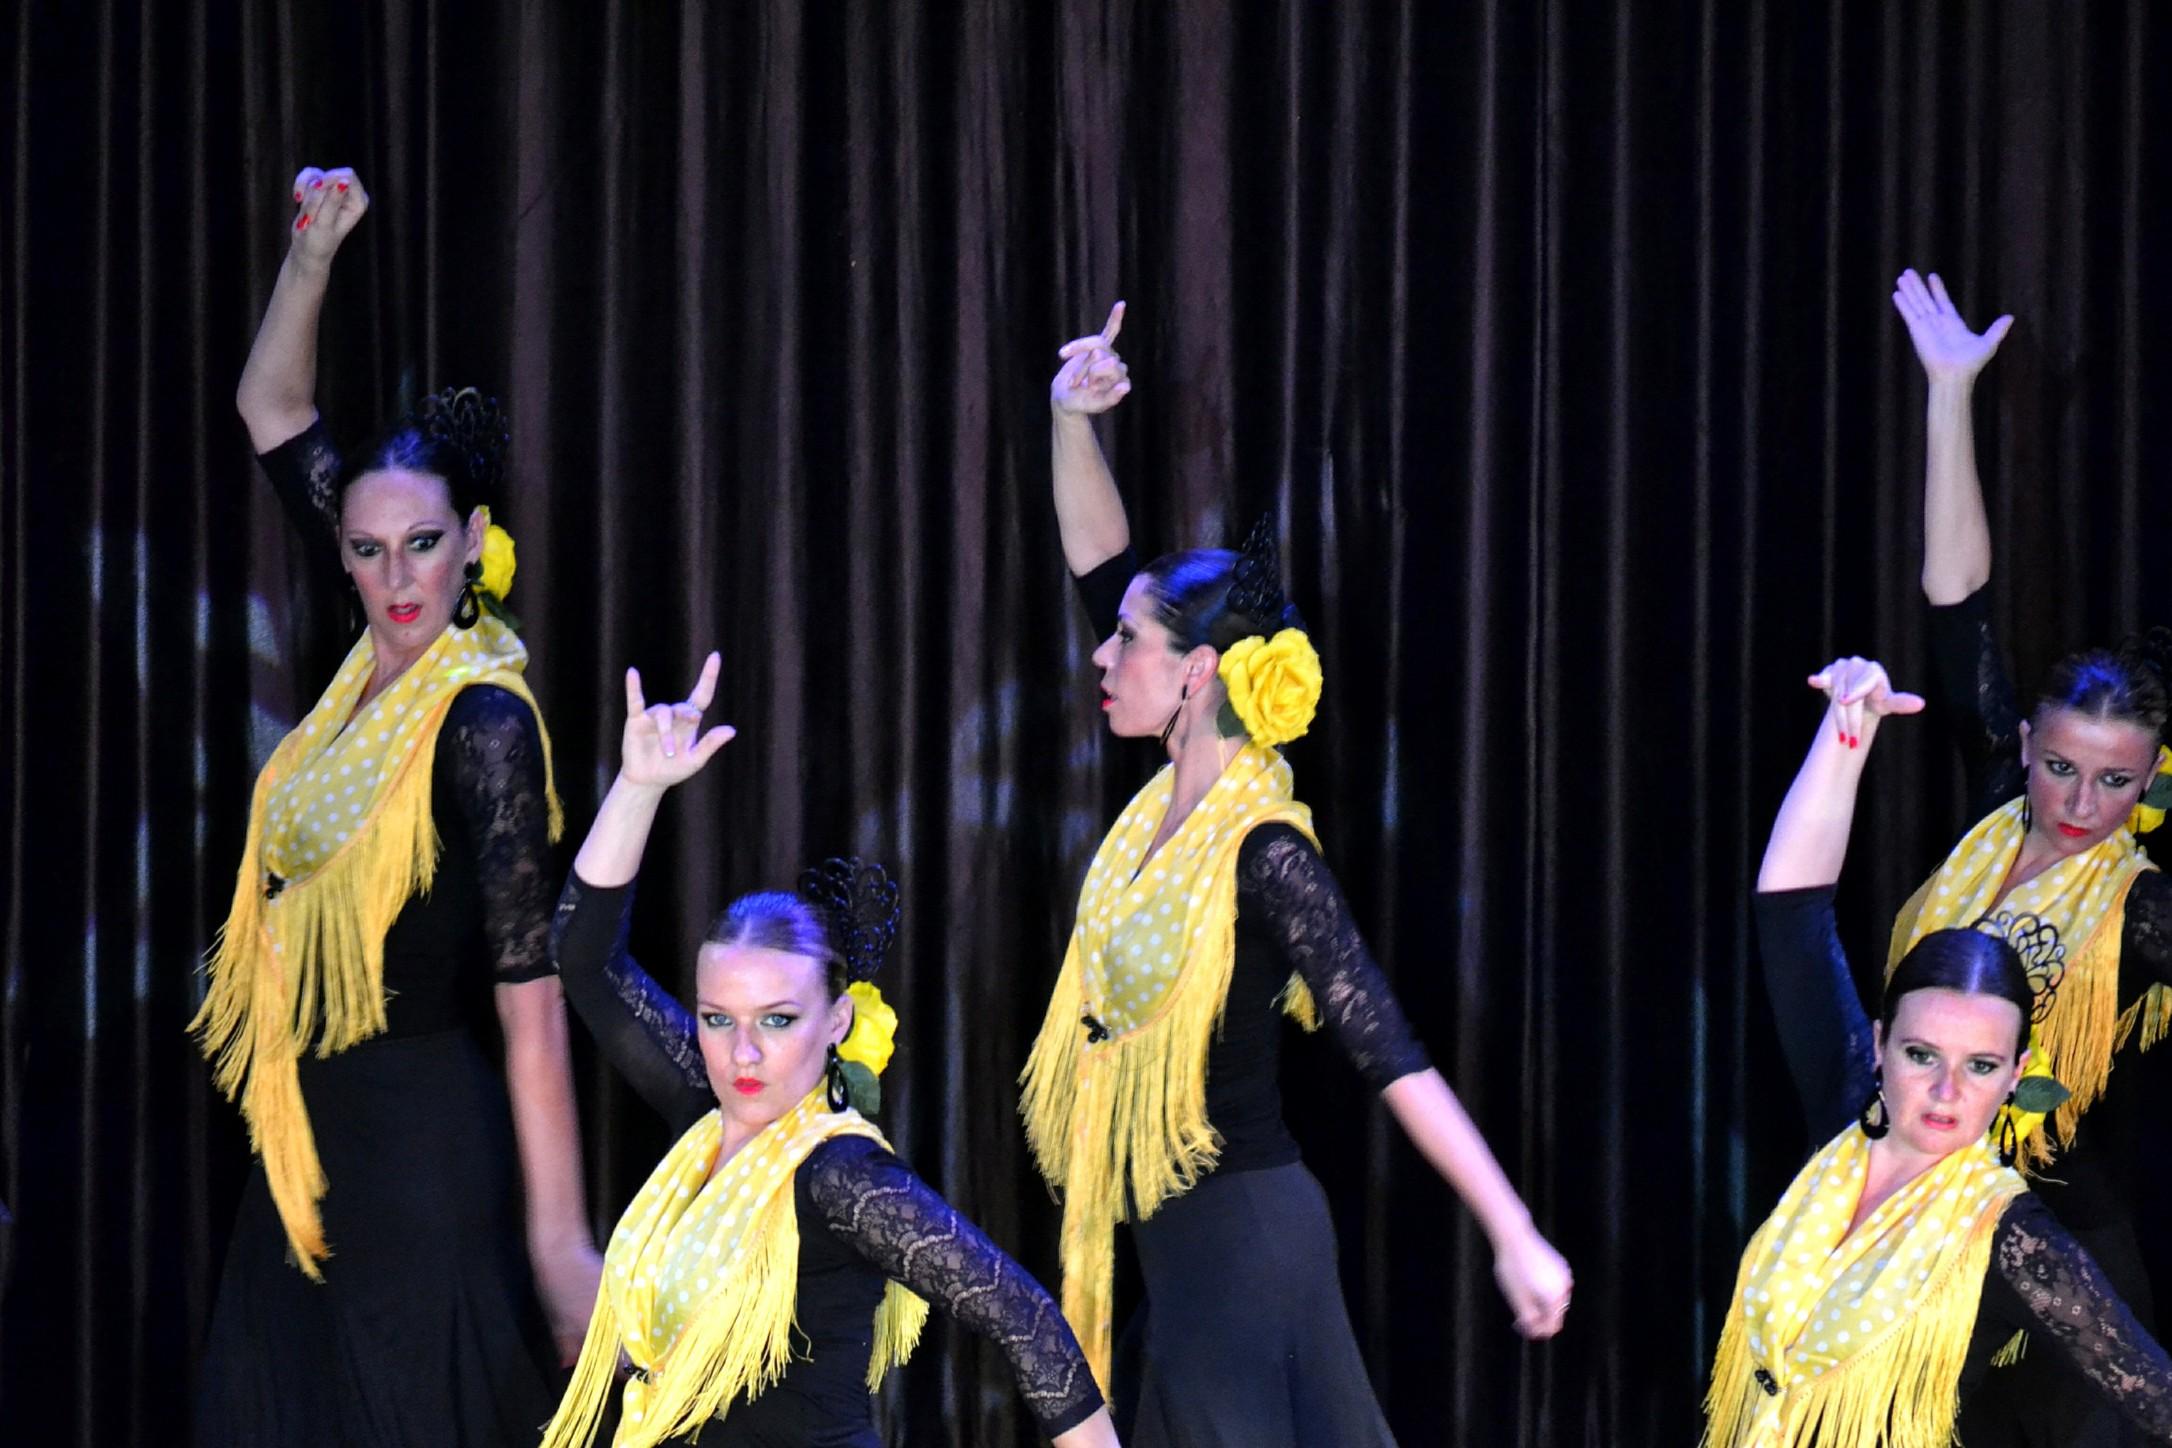 Linea-de-Baile-festival-verano-2015-clases-de-baile-valencia-60